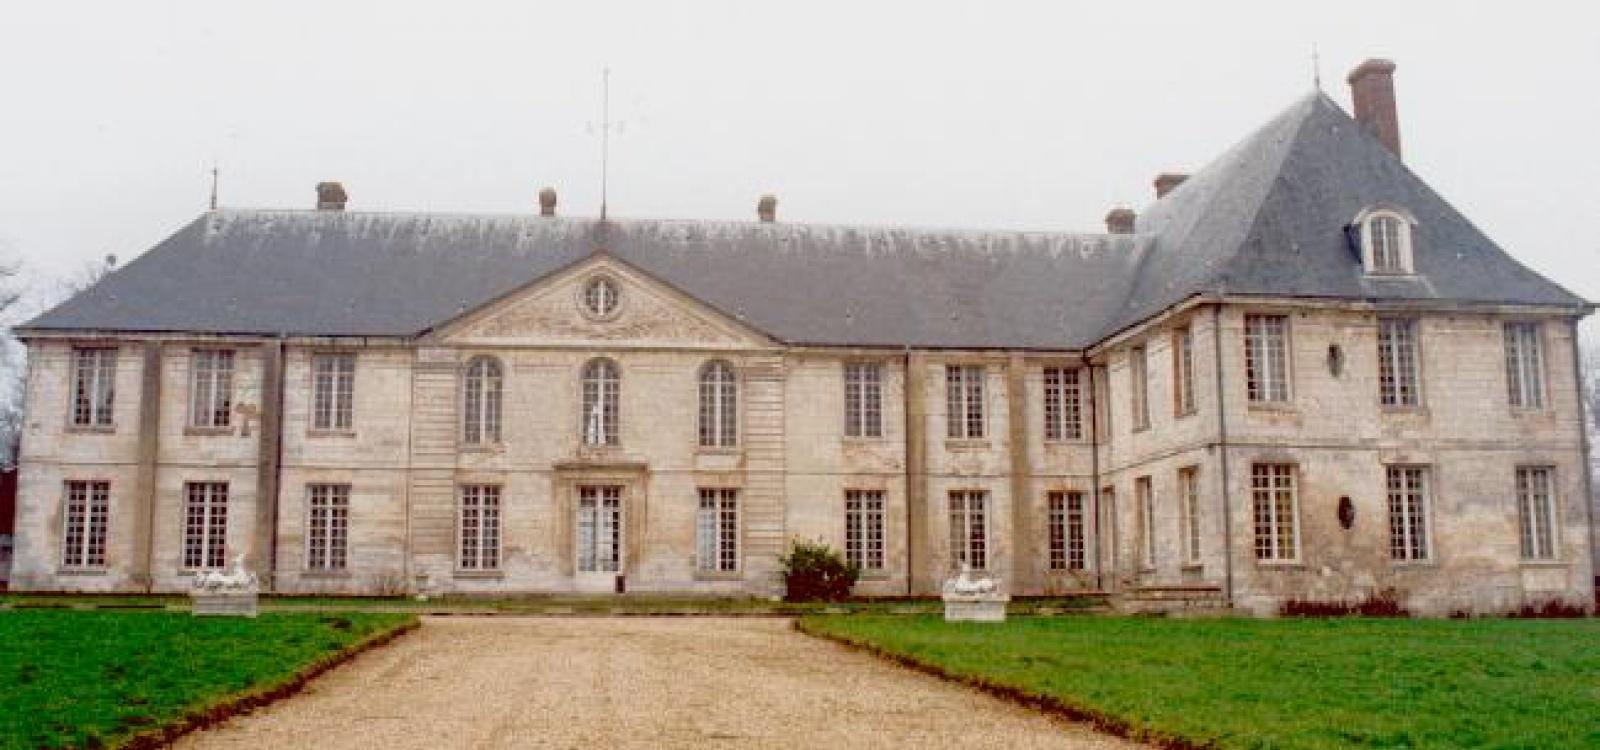 France,Château,1070